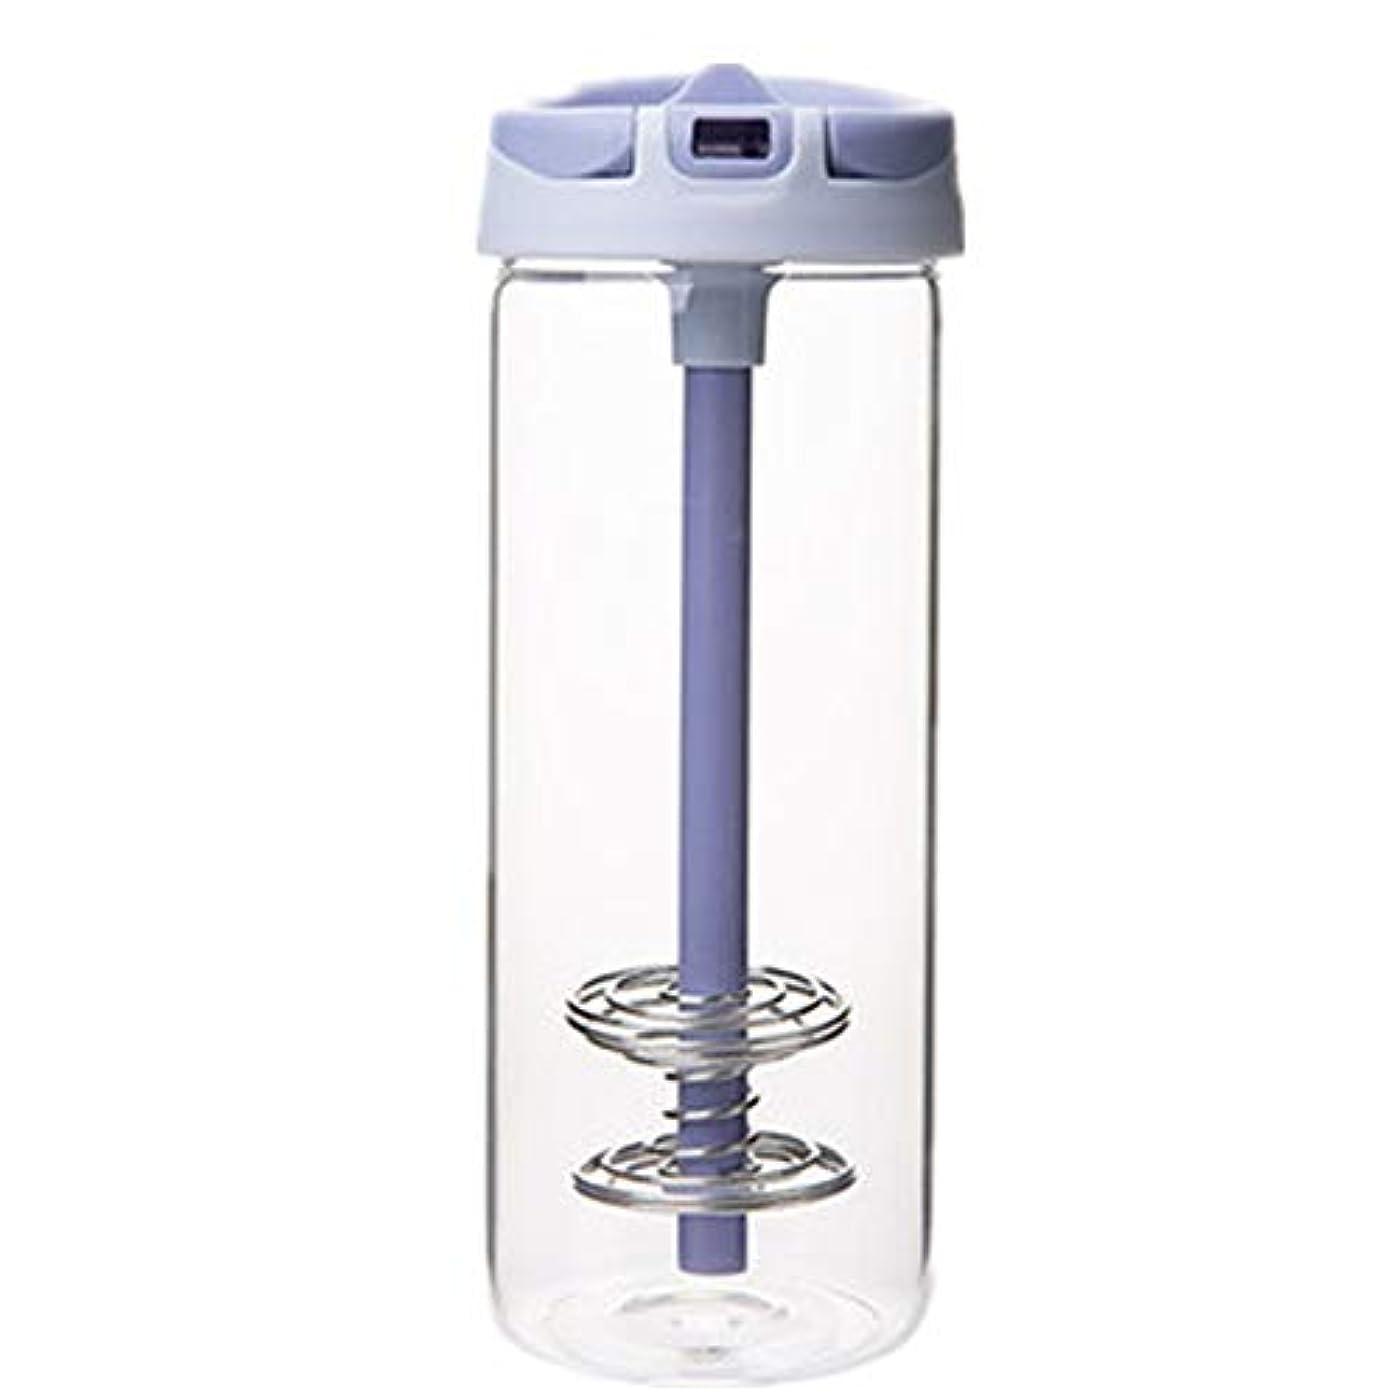 ルアー杭天文学耐熱 ガラス ボトル ボトル ストロー付け 水筒 おしゃれ シェーカーボトル プロテイン 青汁 650ml 大容量 携帯 ウォーター ボトル